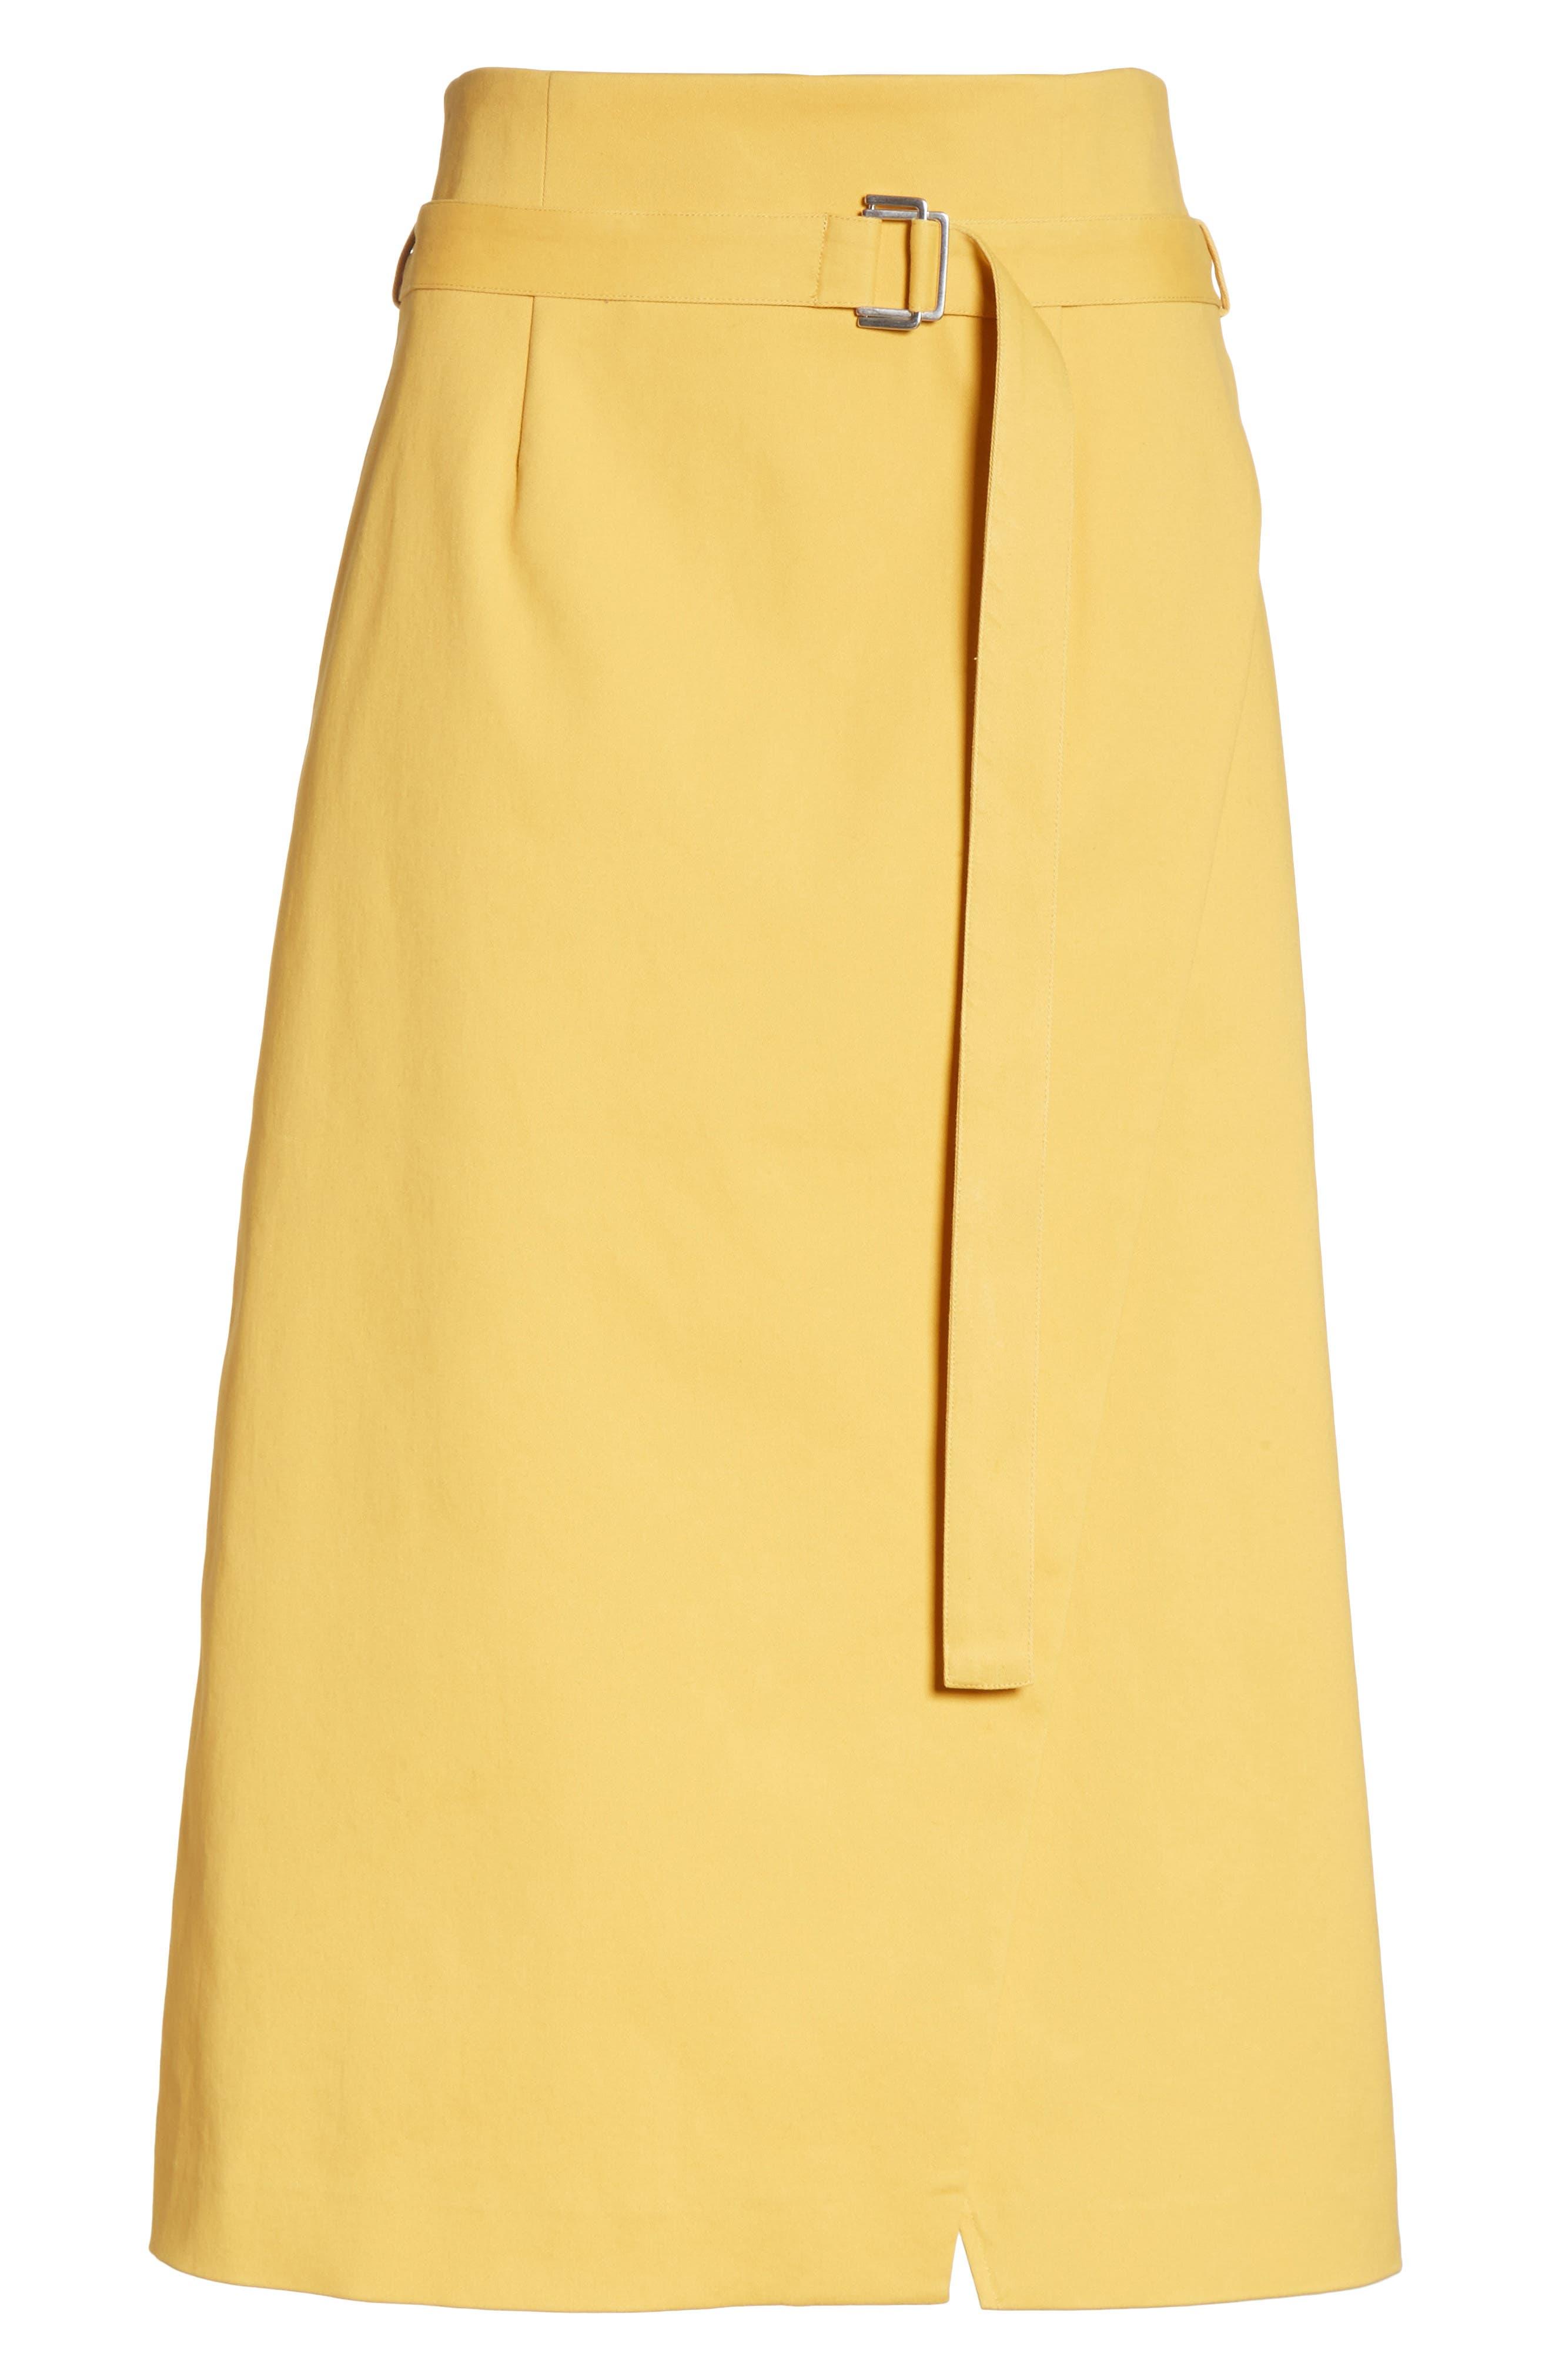 Belted Midi Skirt,                             Alternate thumbnail 6, color,                             700